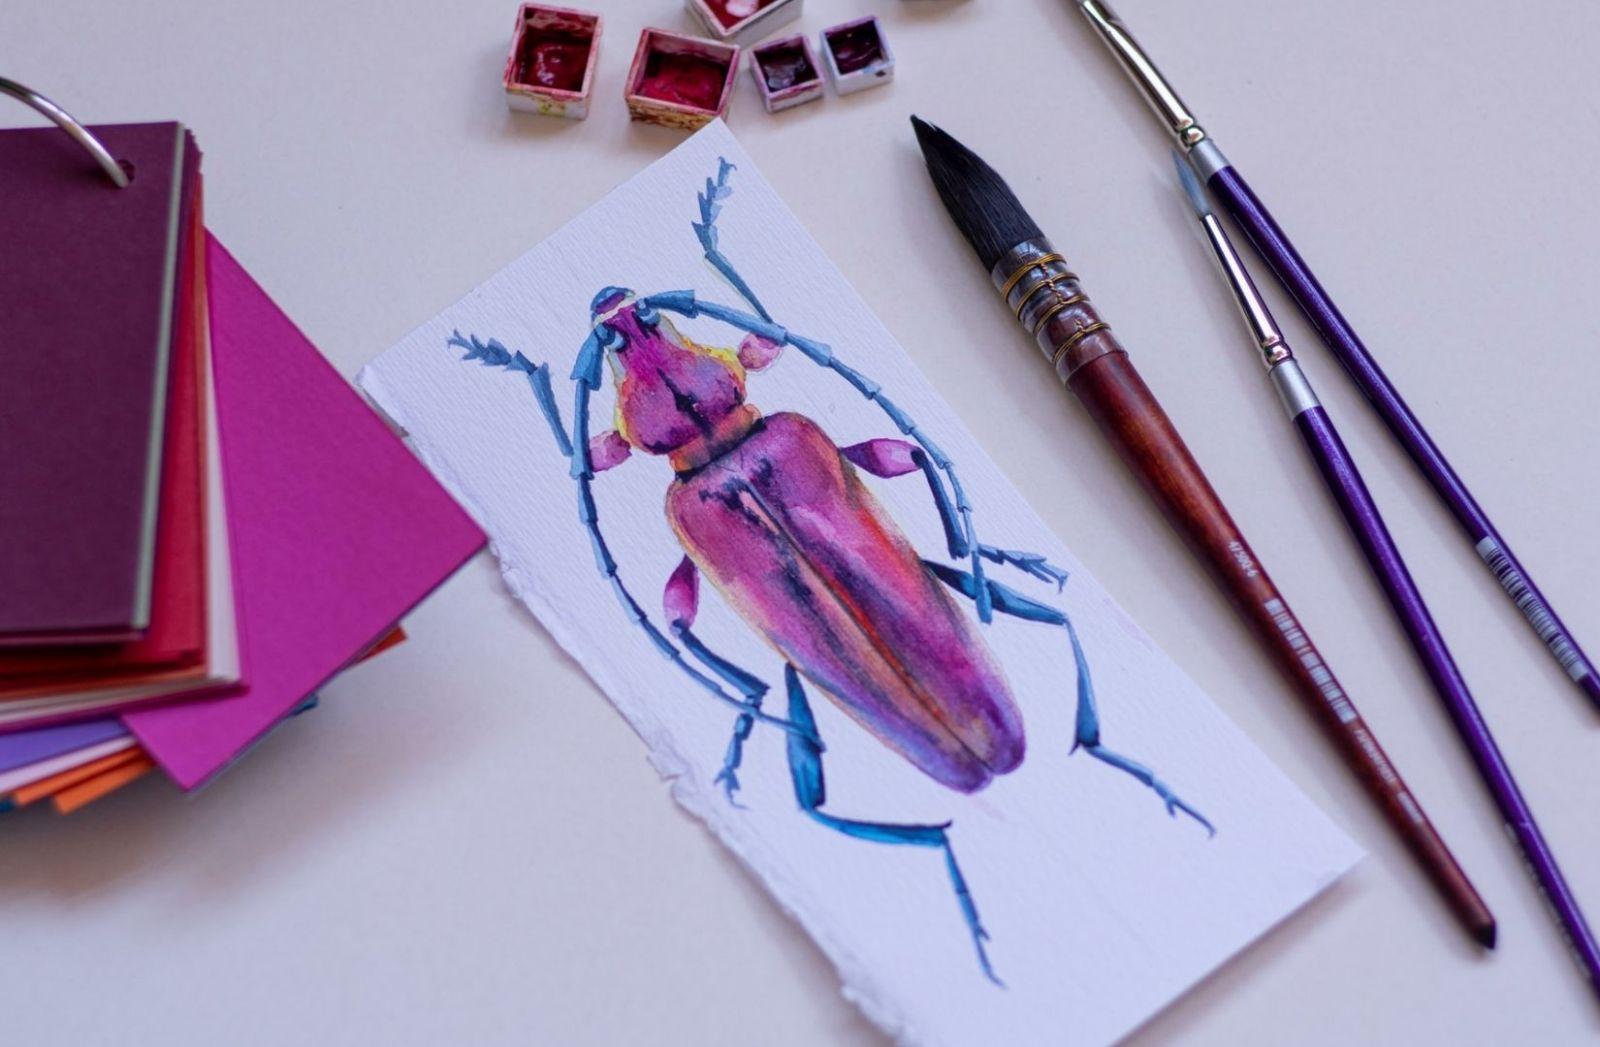 Ein Käfer gemalt mit Wasserfarbe. (Foto: Elena Mozhvilo, Unsplash.com)